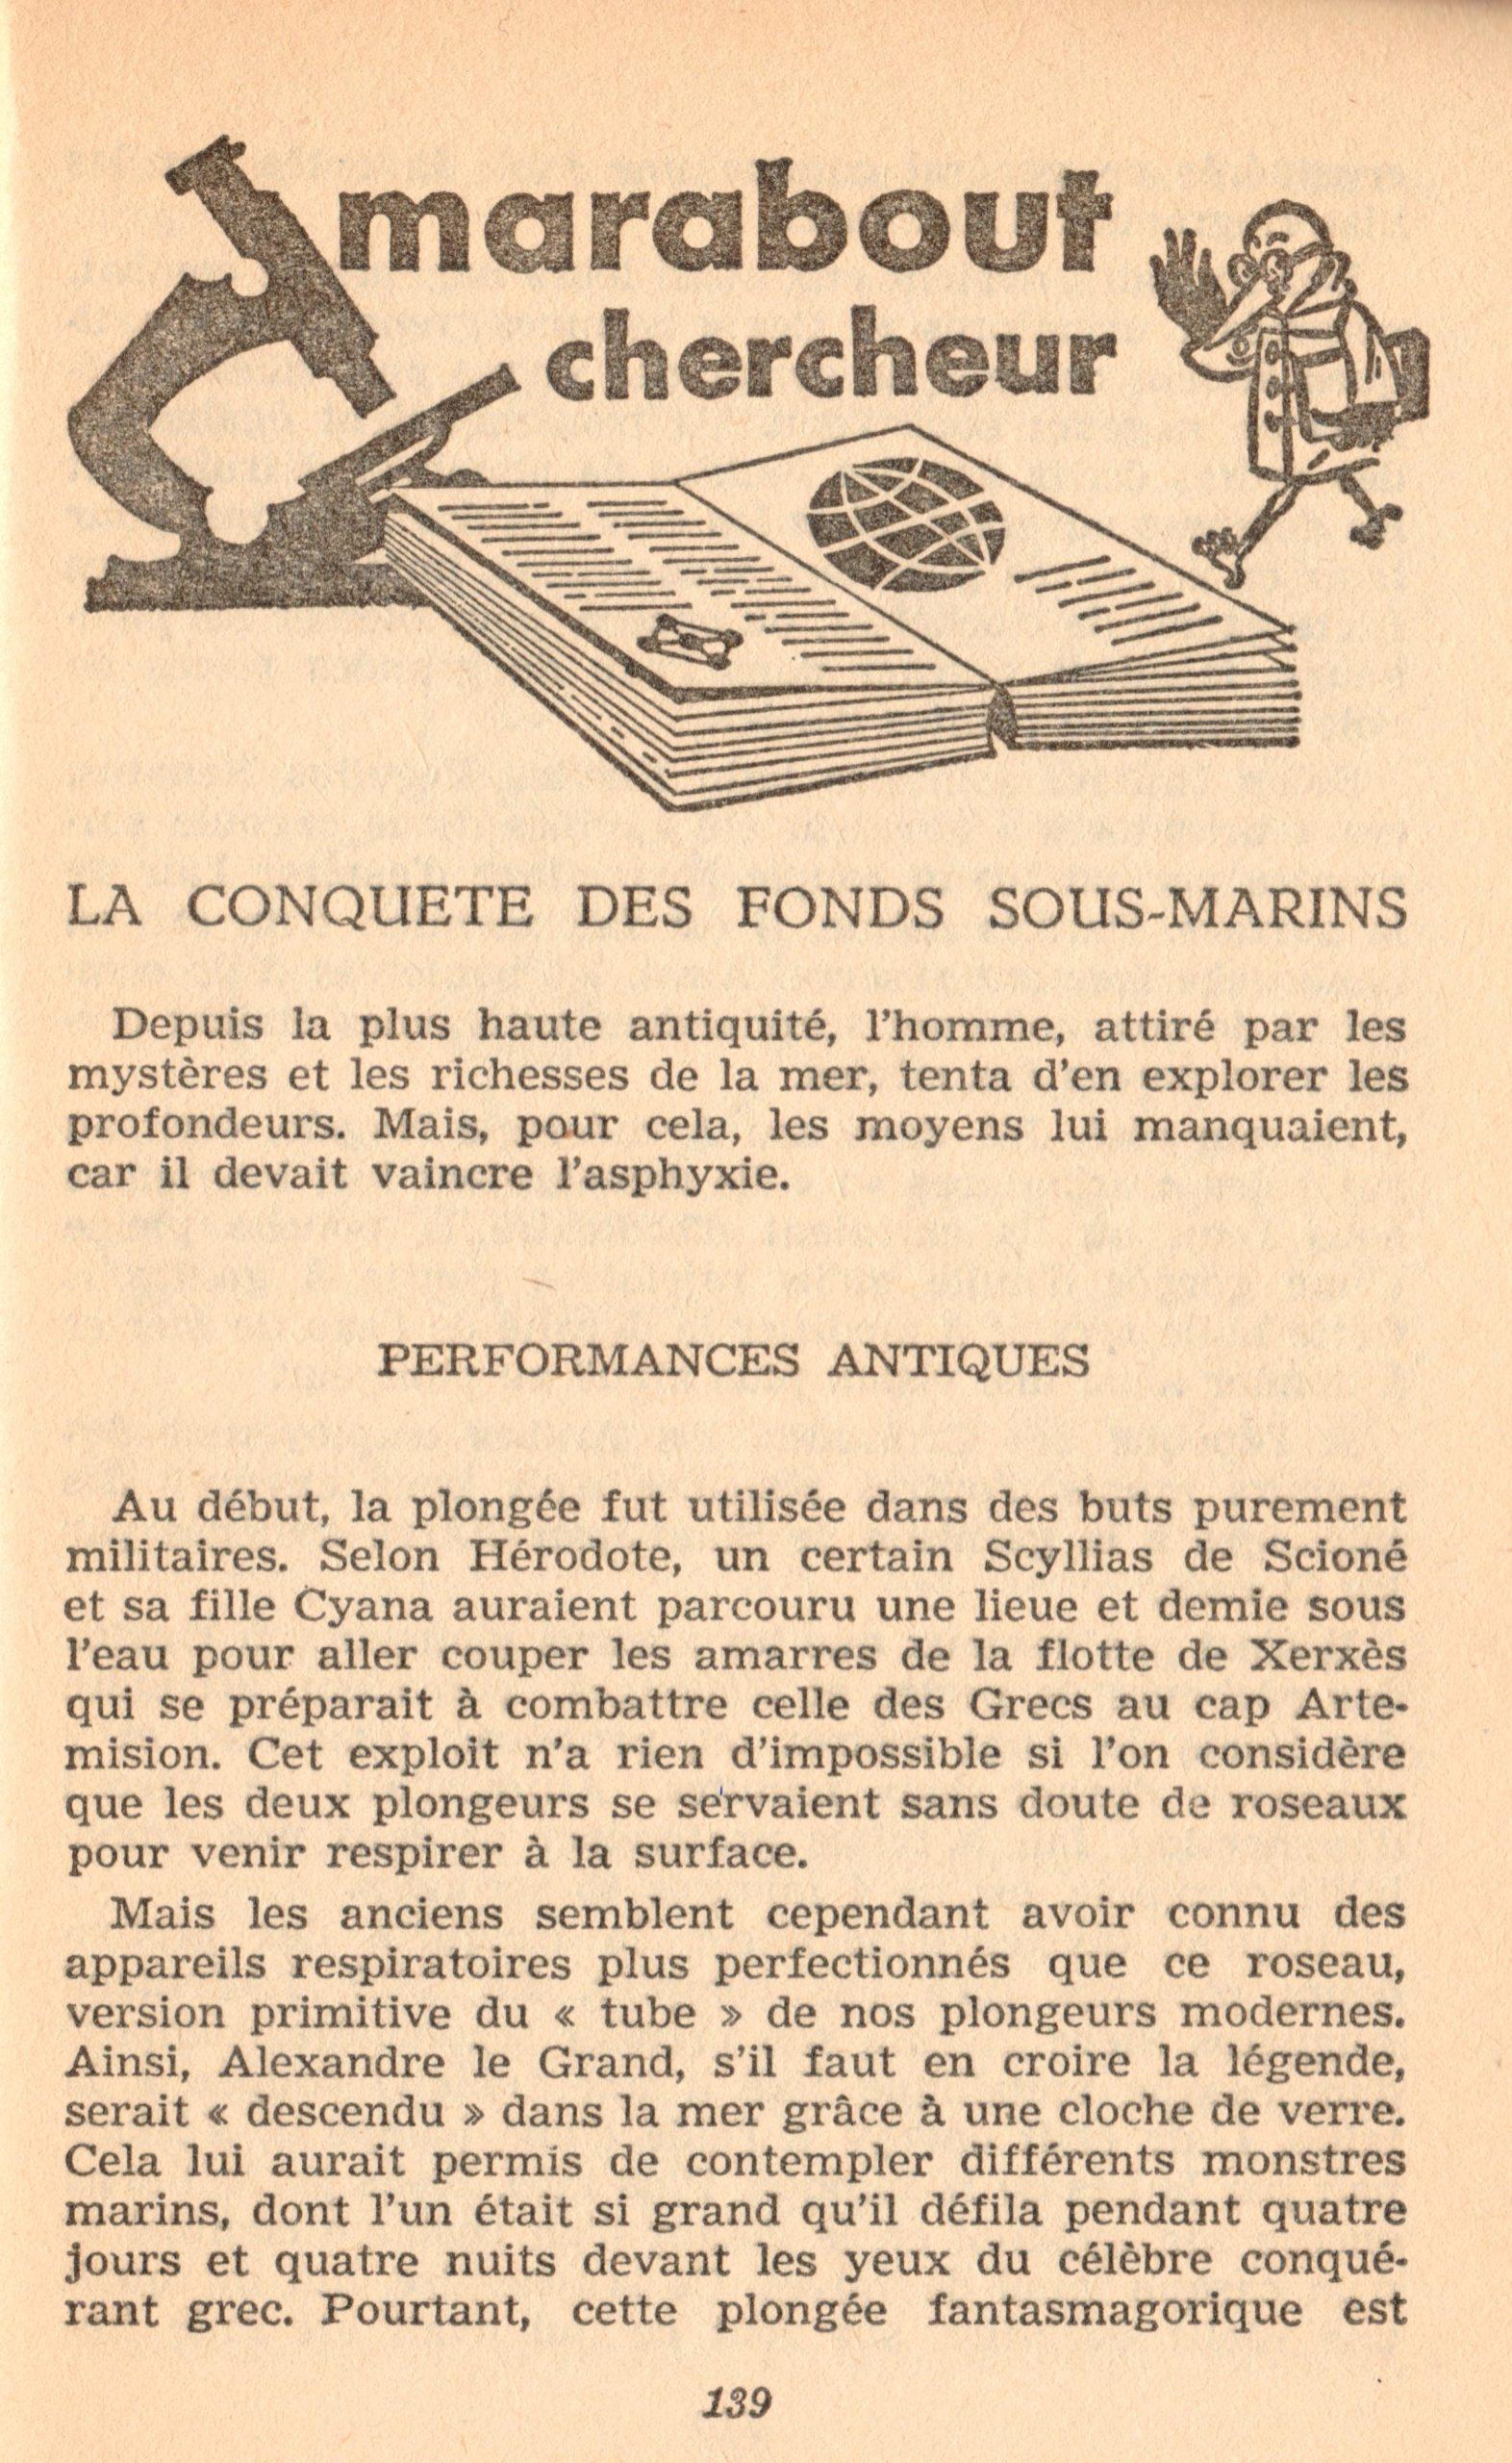 p139, La conquête des fonds sous-marins, marabout chercheur